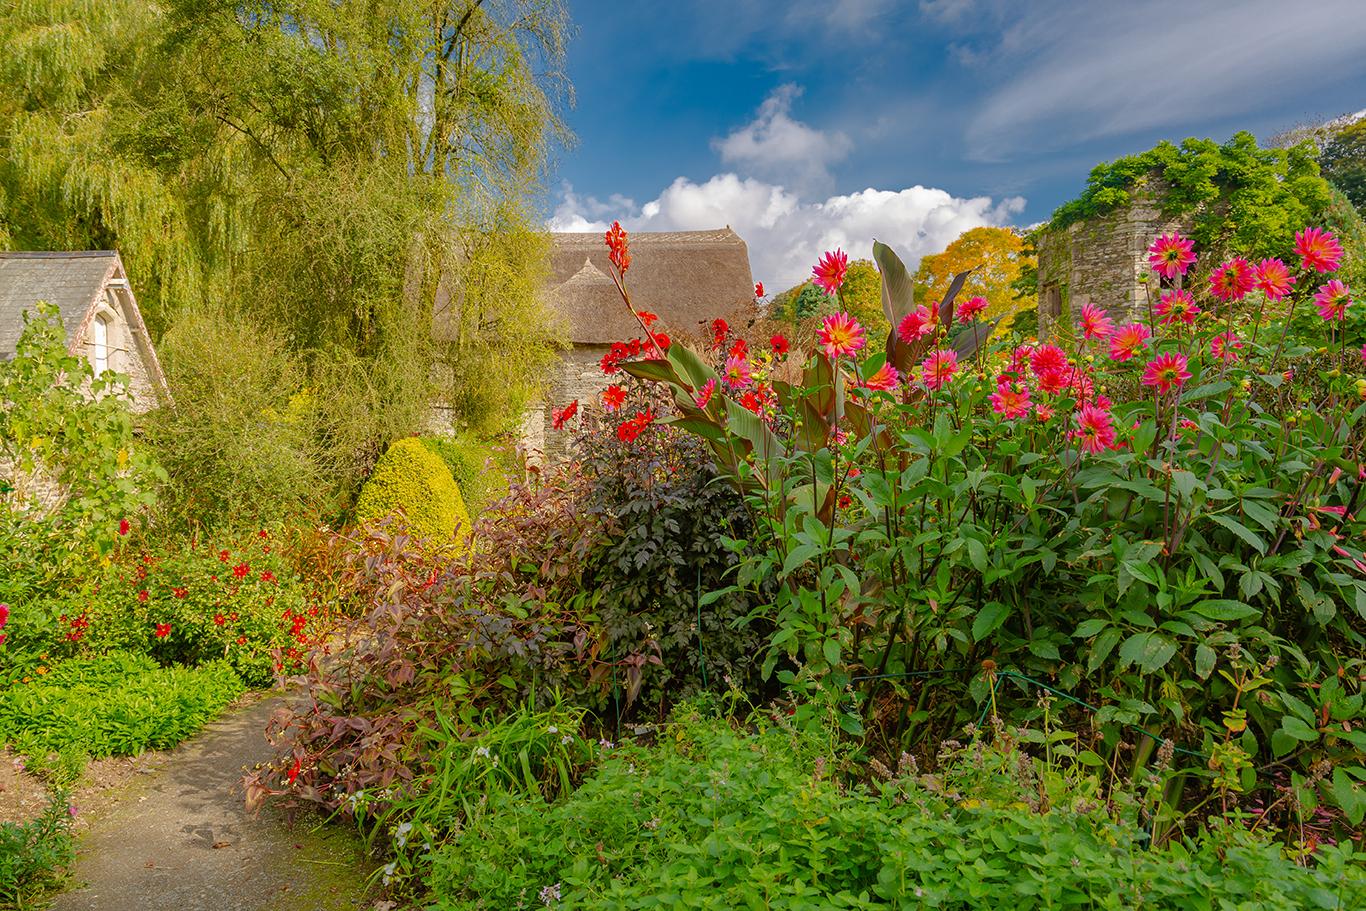 Gardenhouse dahlia's